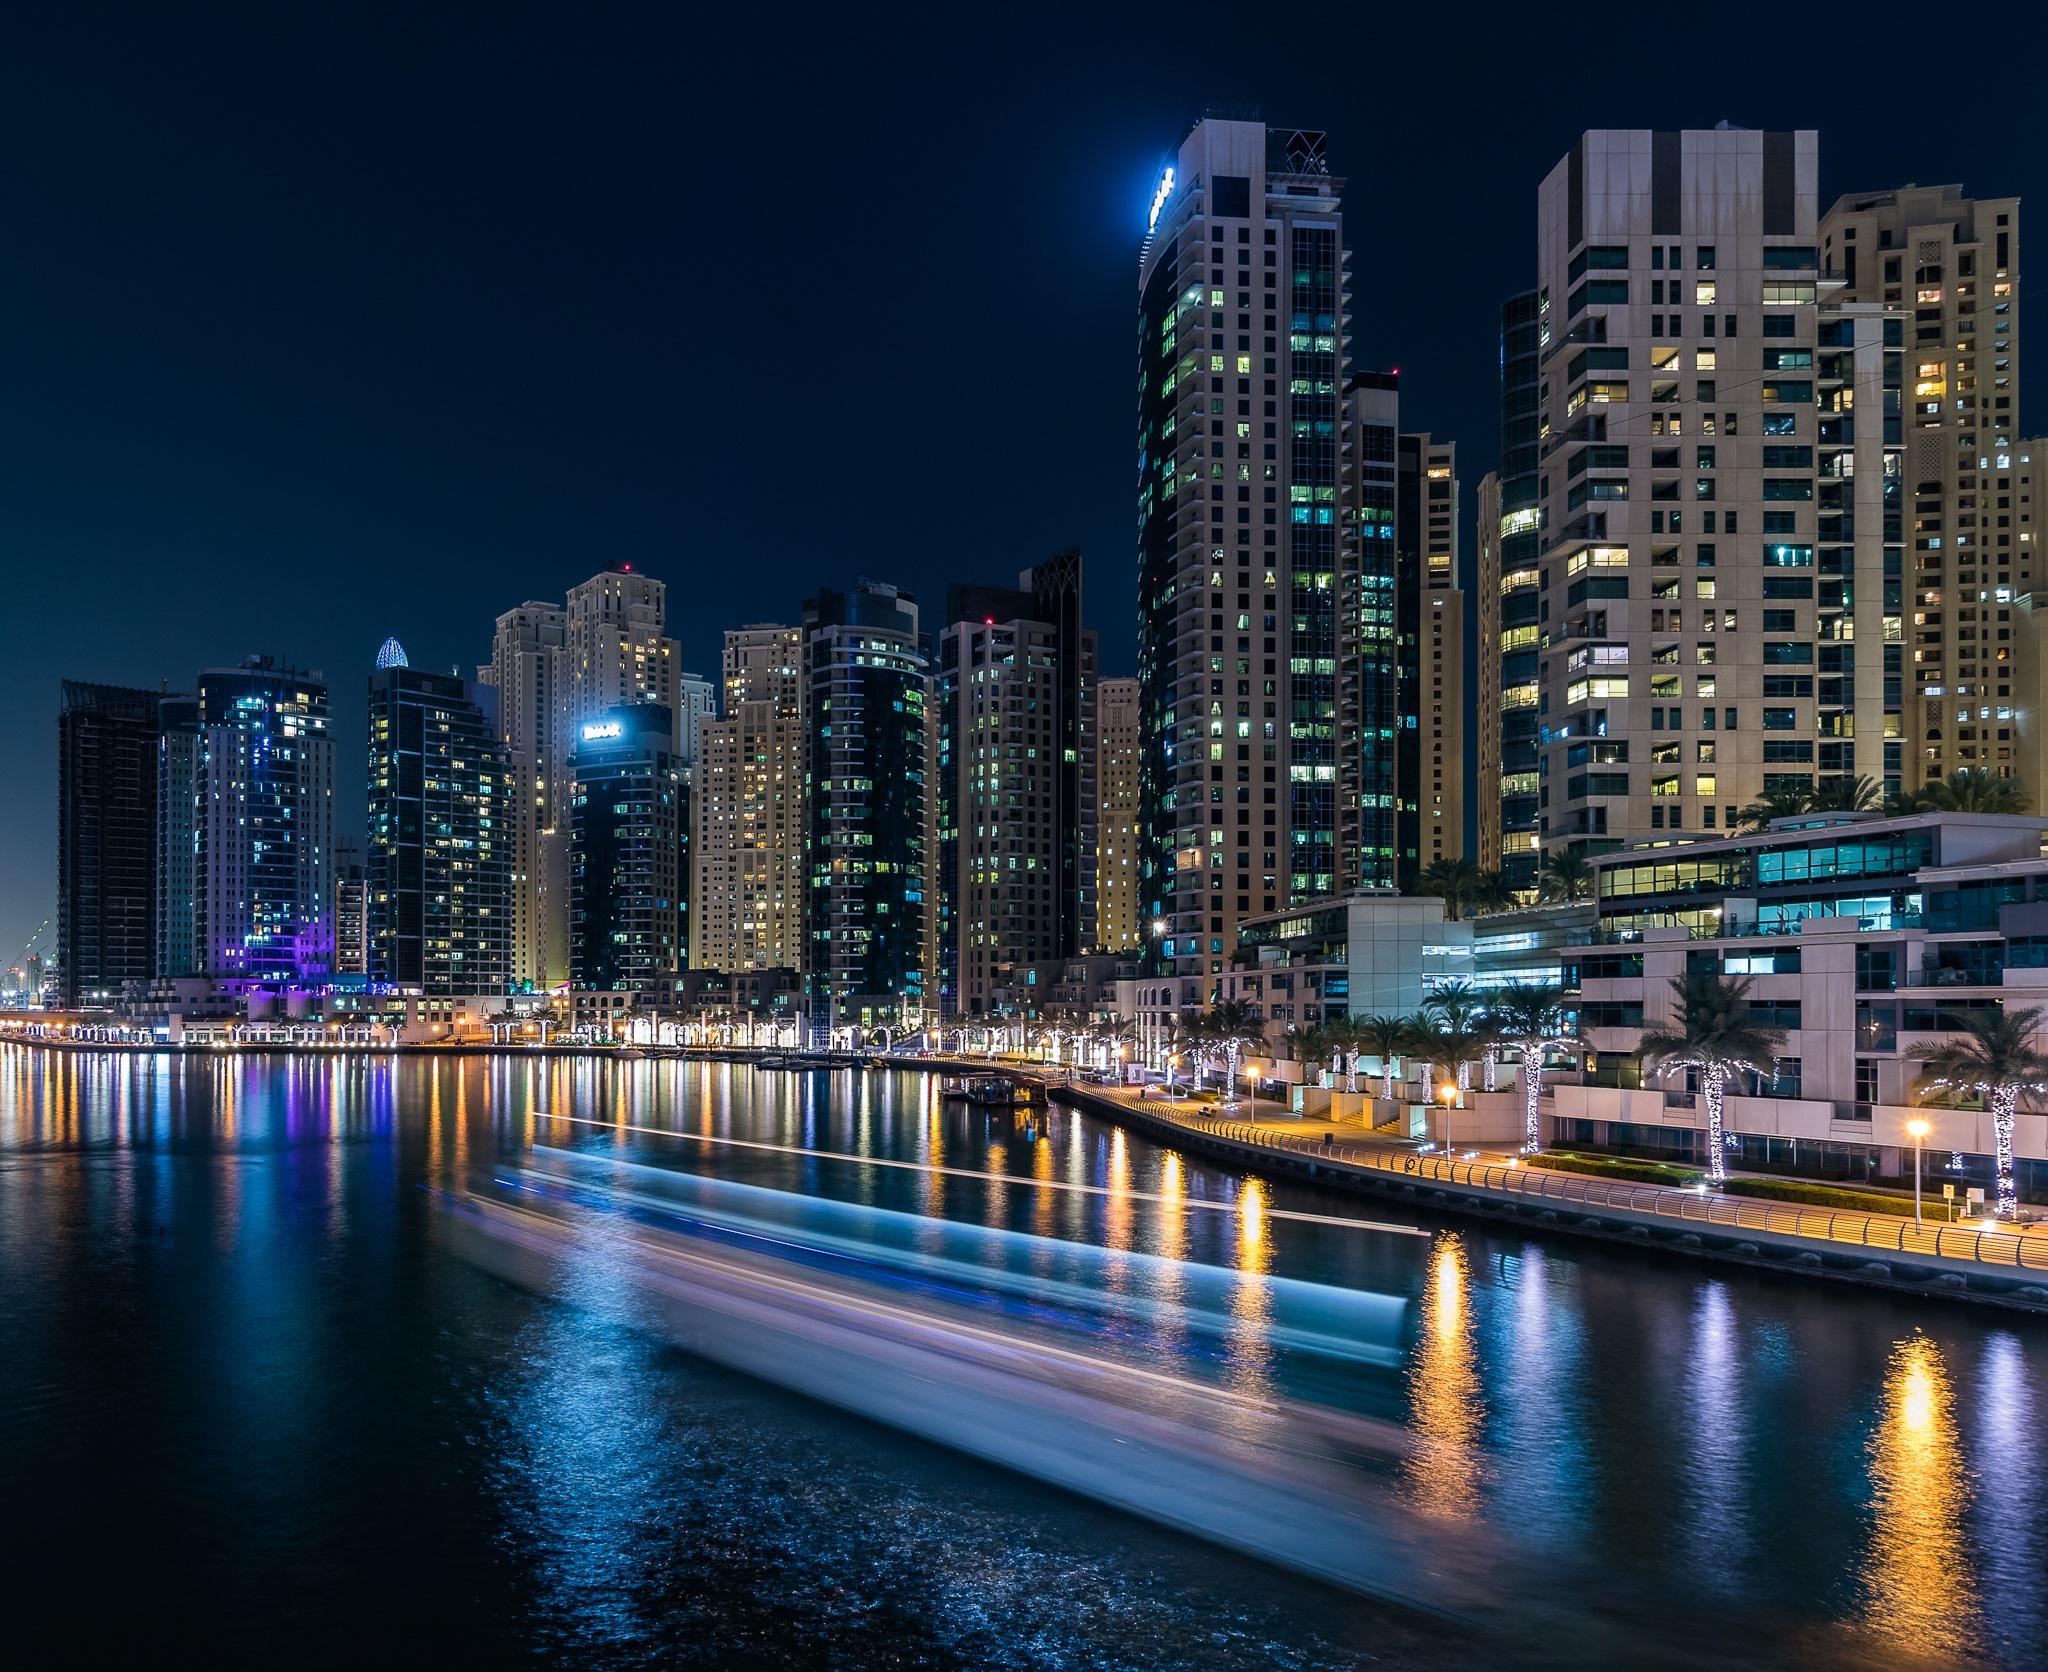 Dubai Marina by Mohammed Shamaa